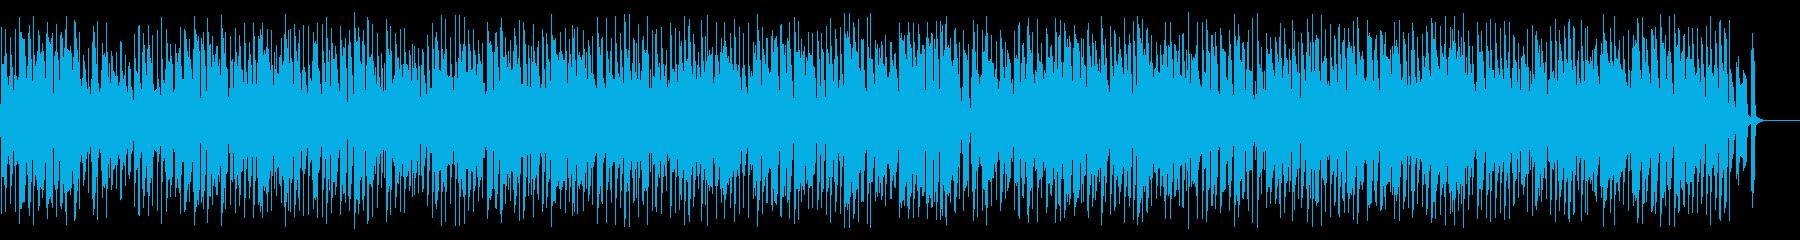 軽快で陽気なジプシージャズでスワニー河の再生済みの波形